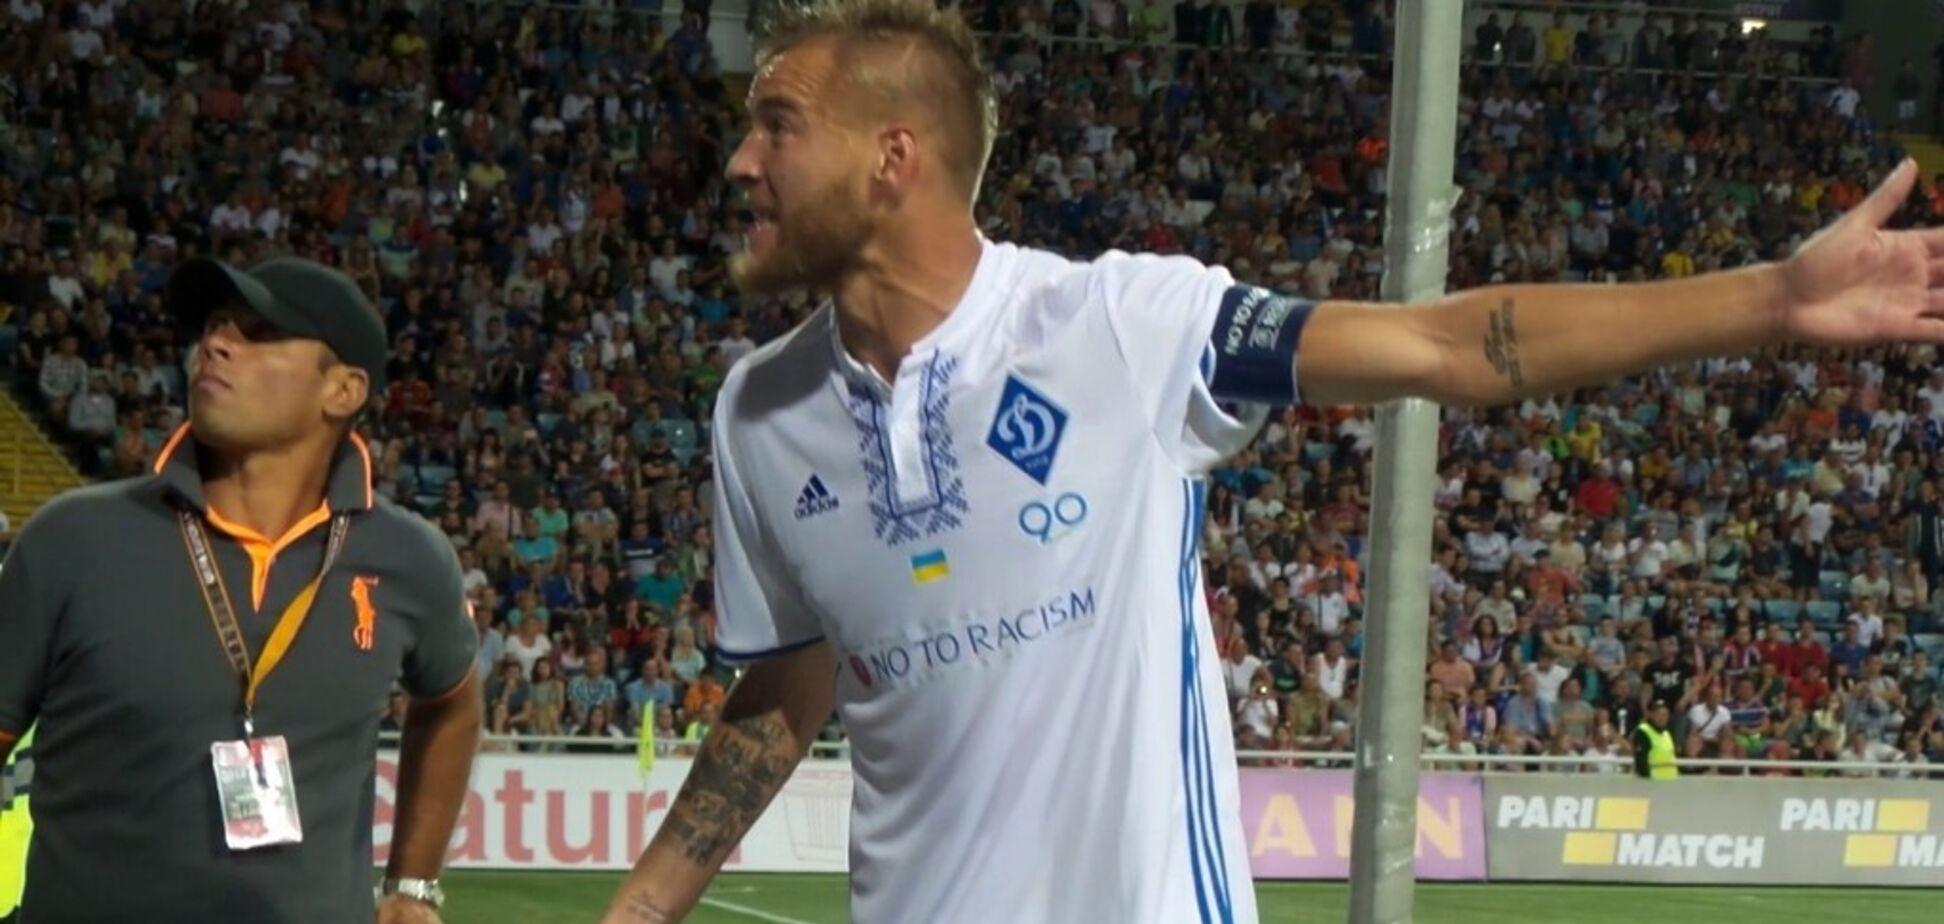 'Должно быть меньше': Ярмоленко сказал, чего не стоит делать игрокам 'Динамо'